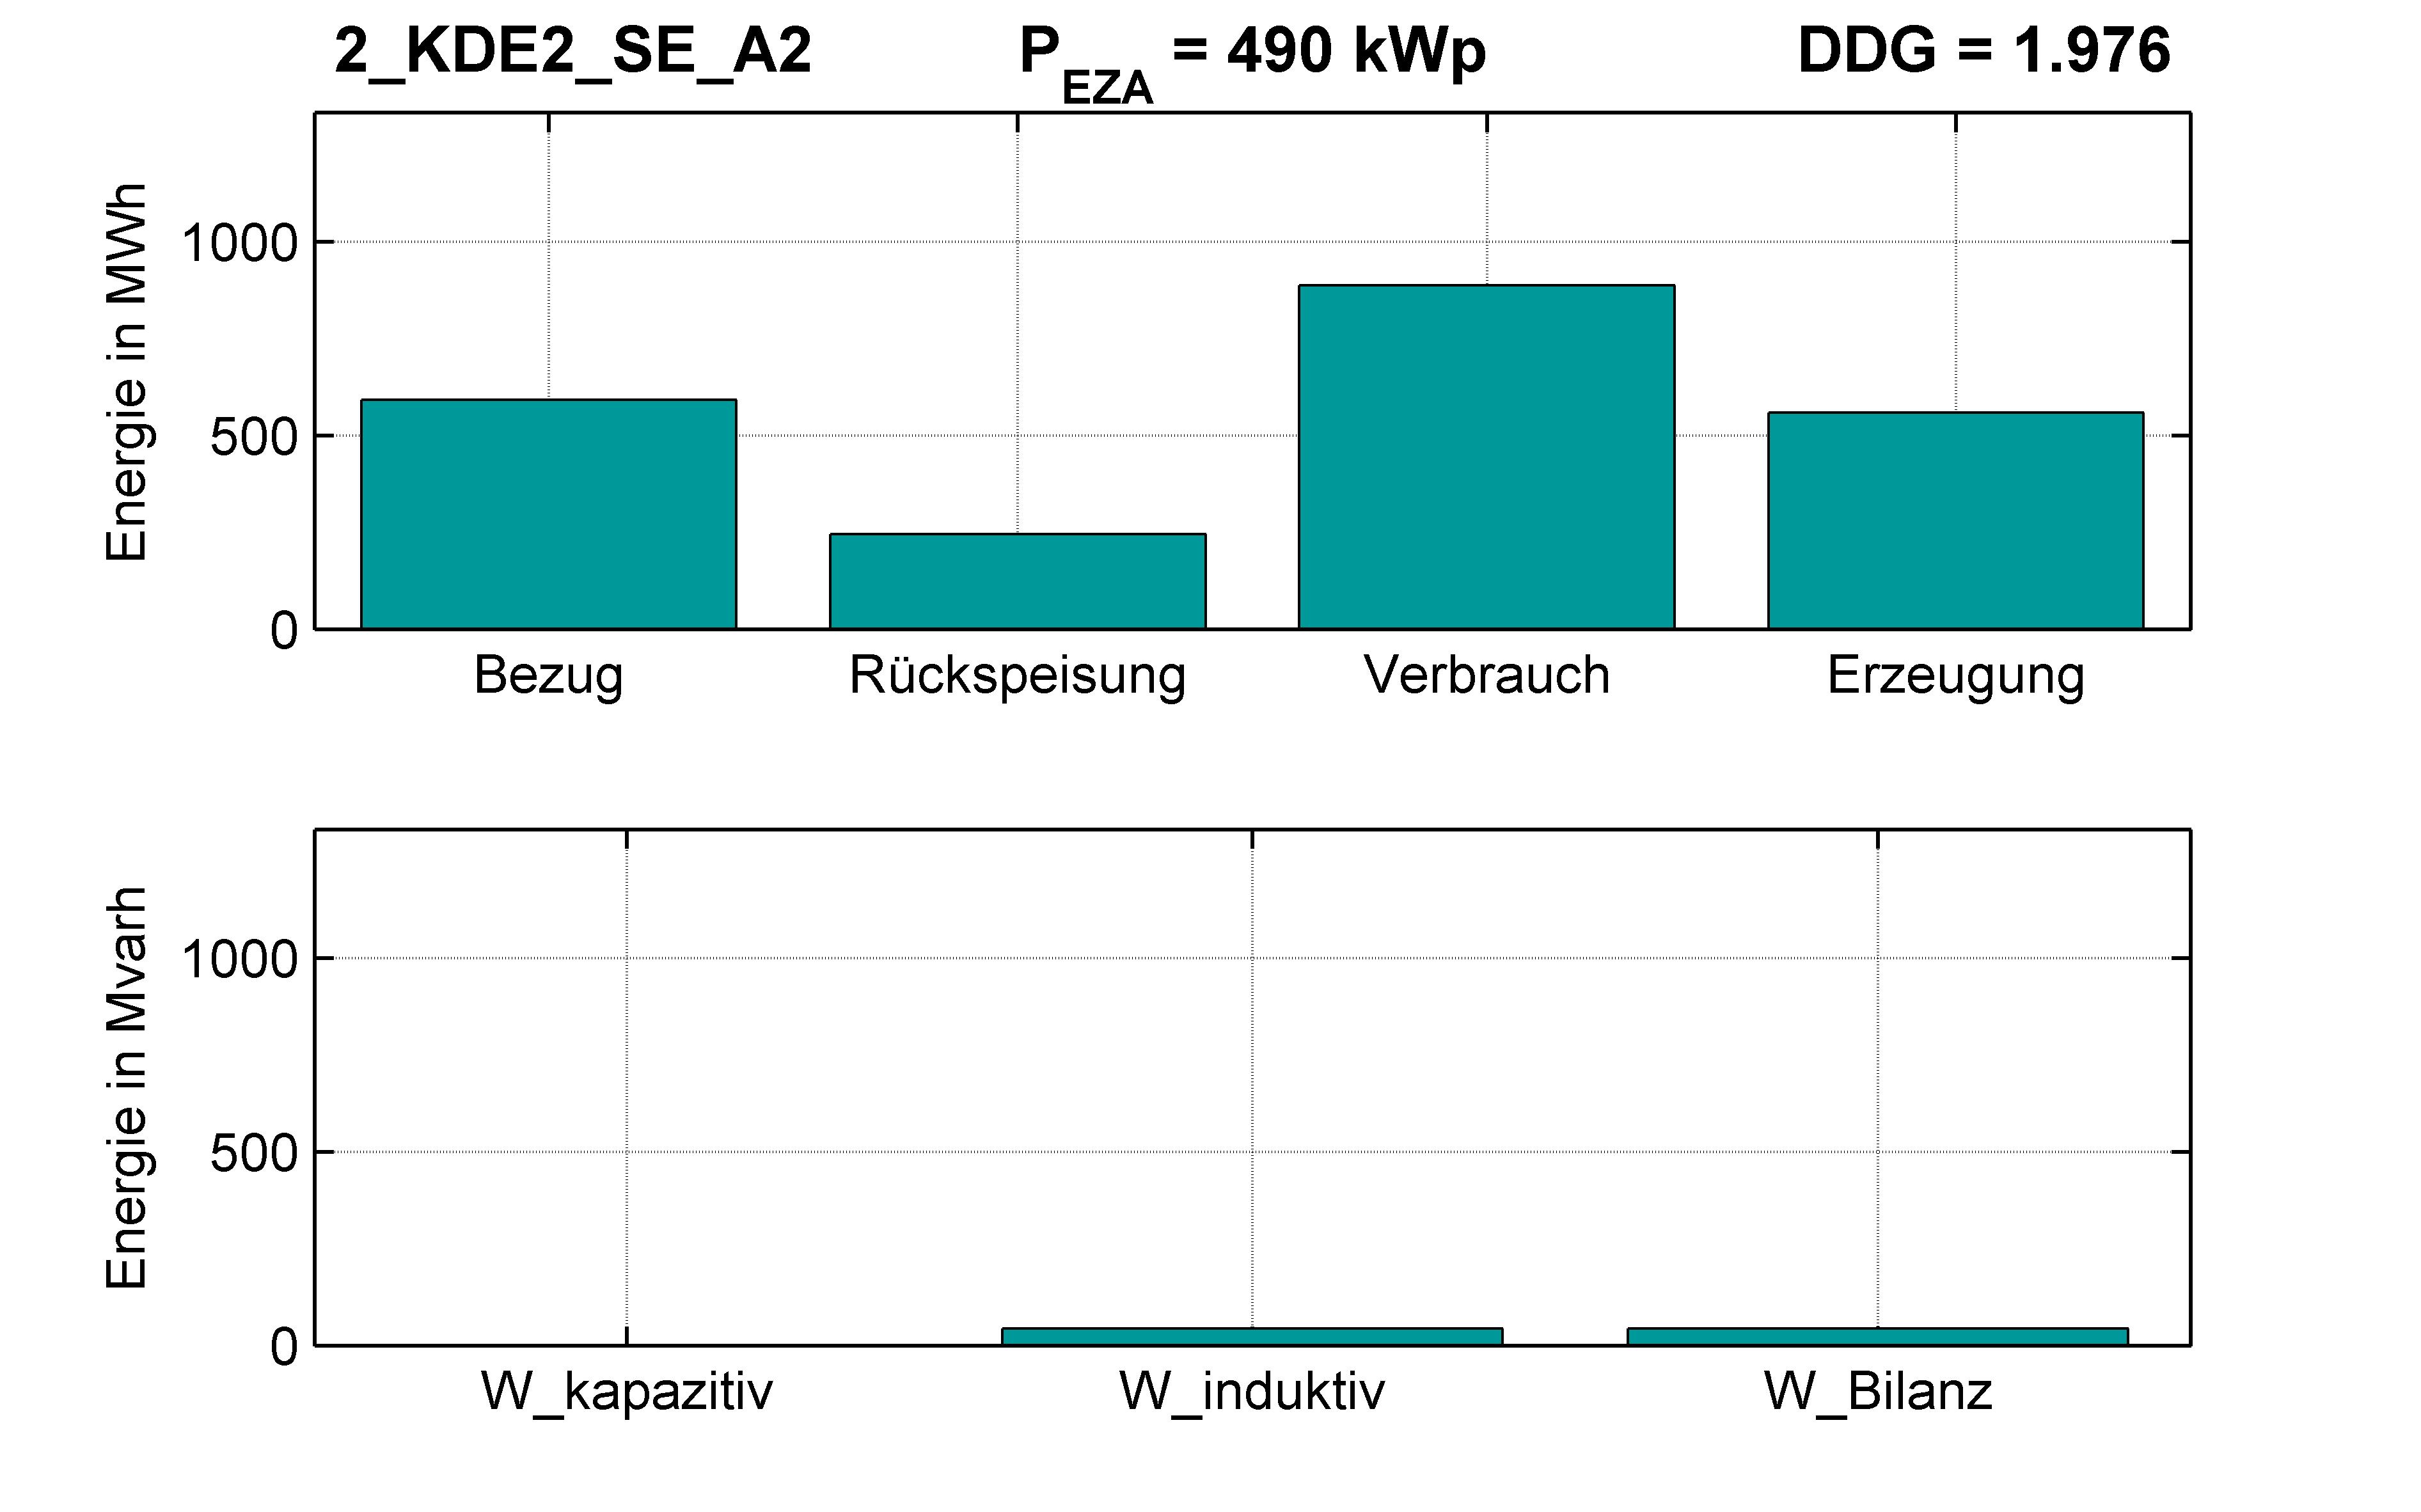 KDE2 | P-Kappung 85% (SE) A2 | PQ-Bilanz